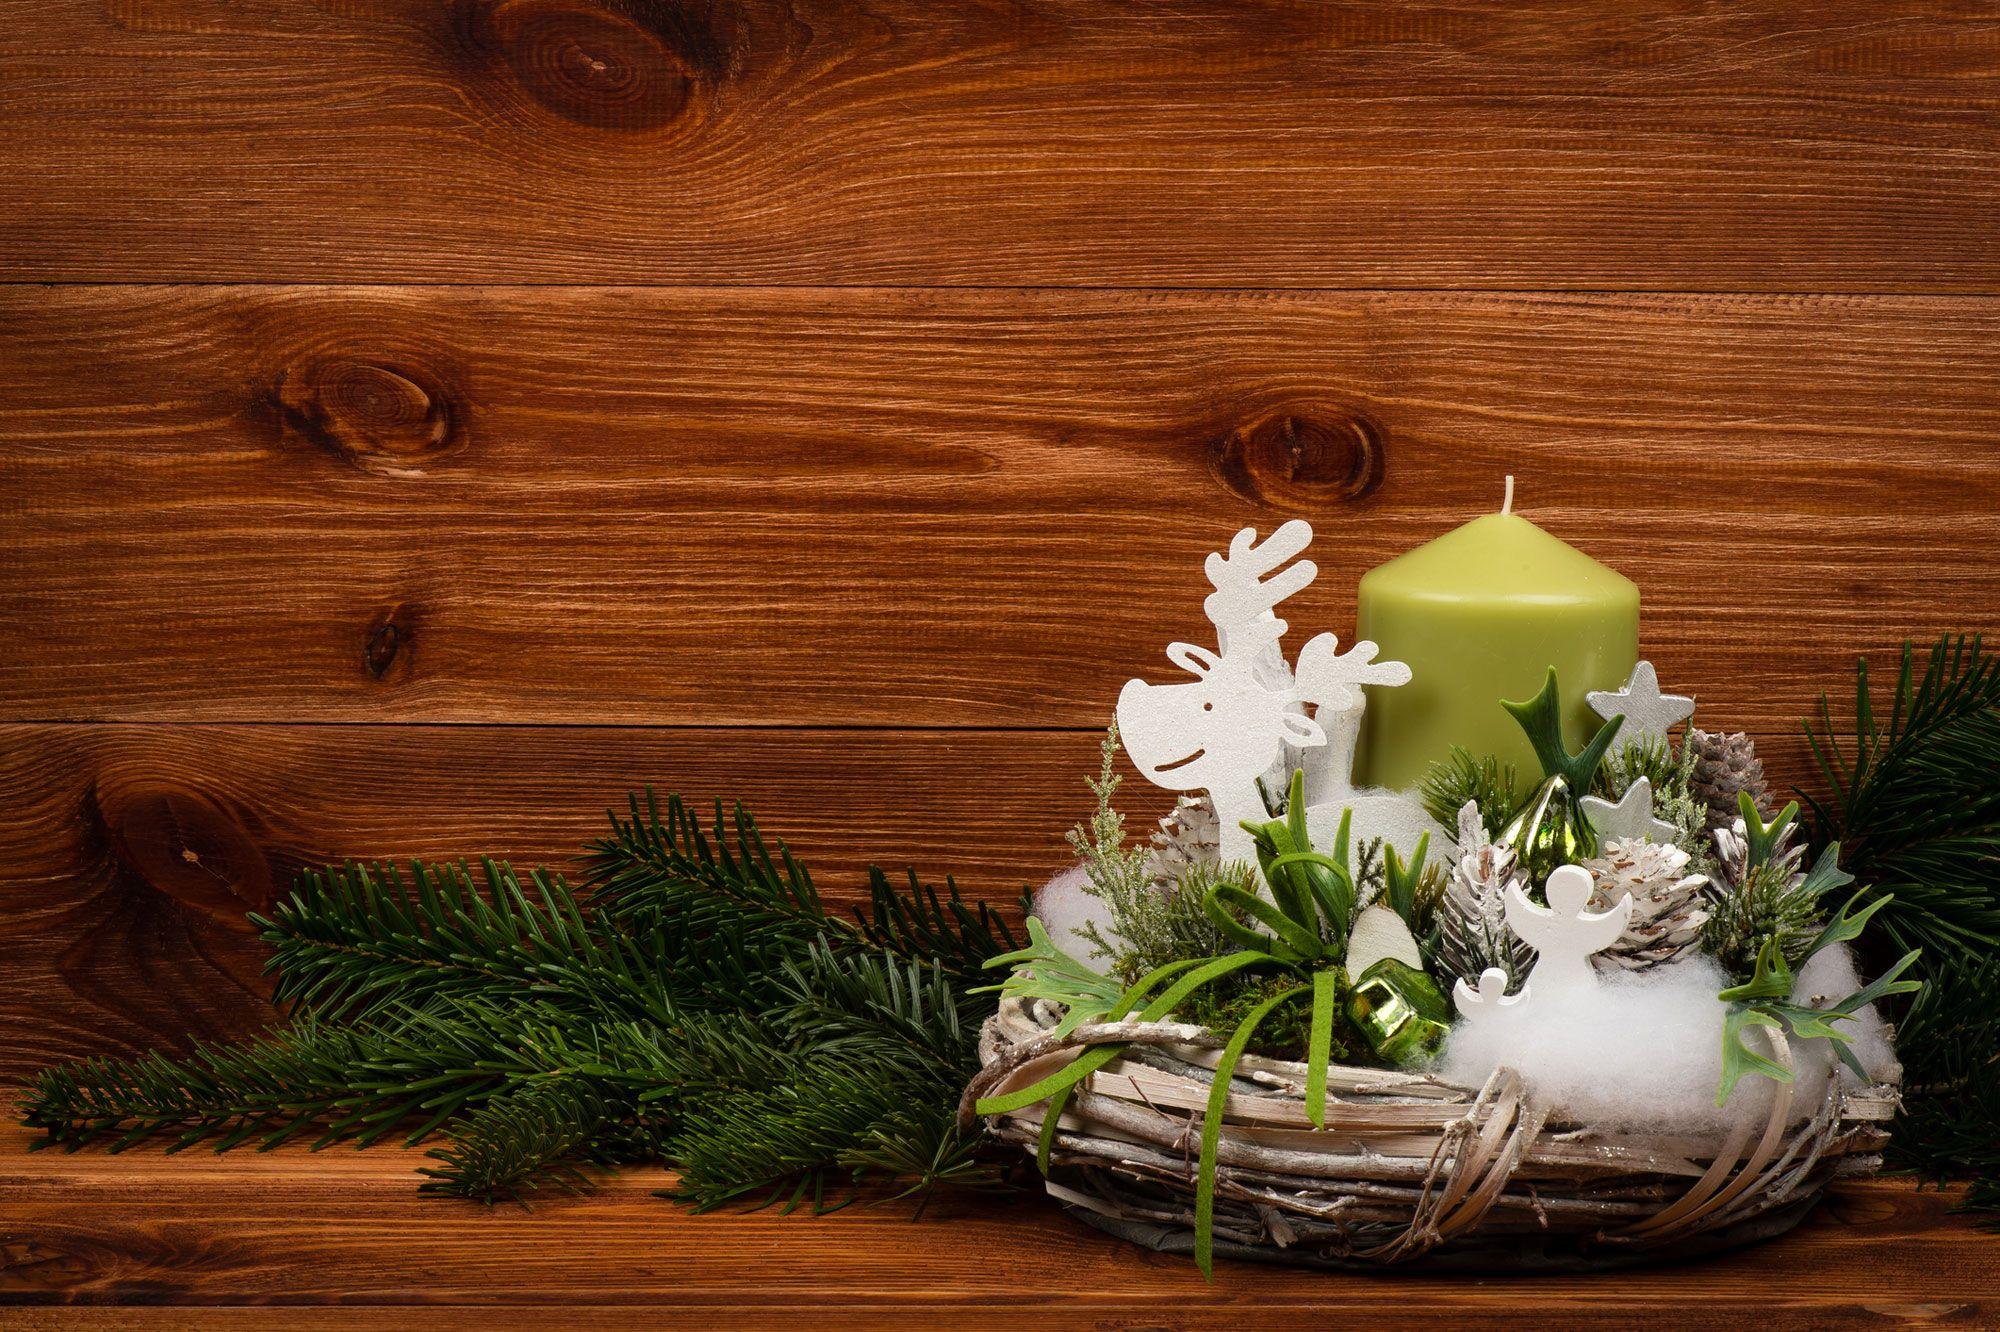 Centres de table avec des bougies pour Noël